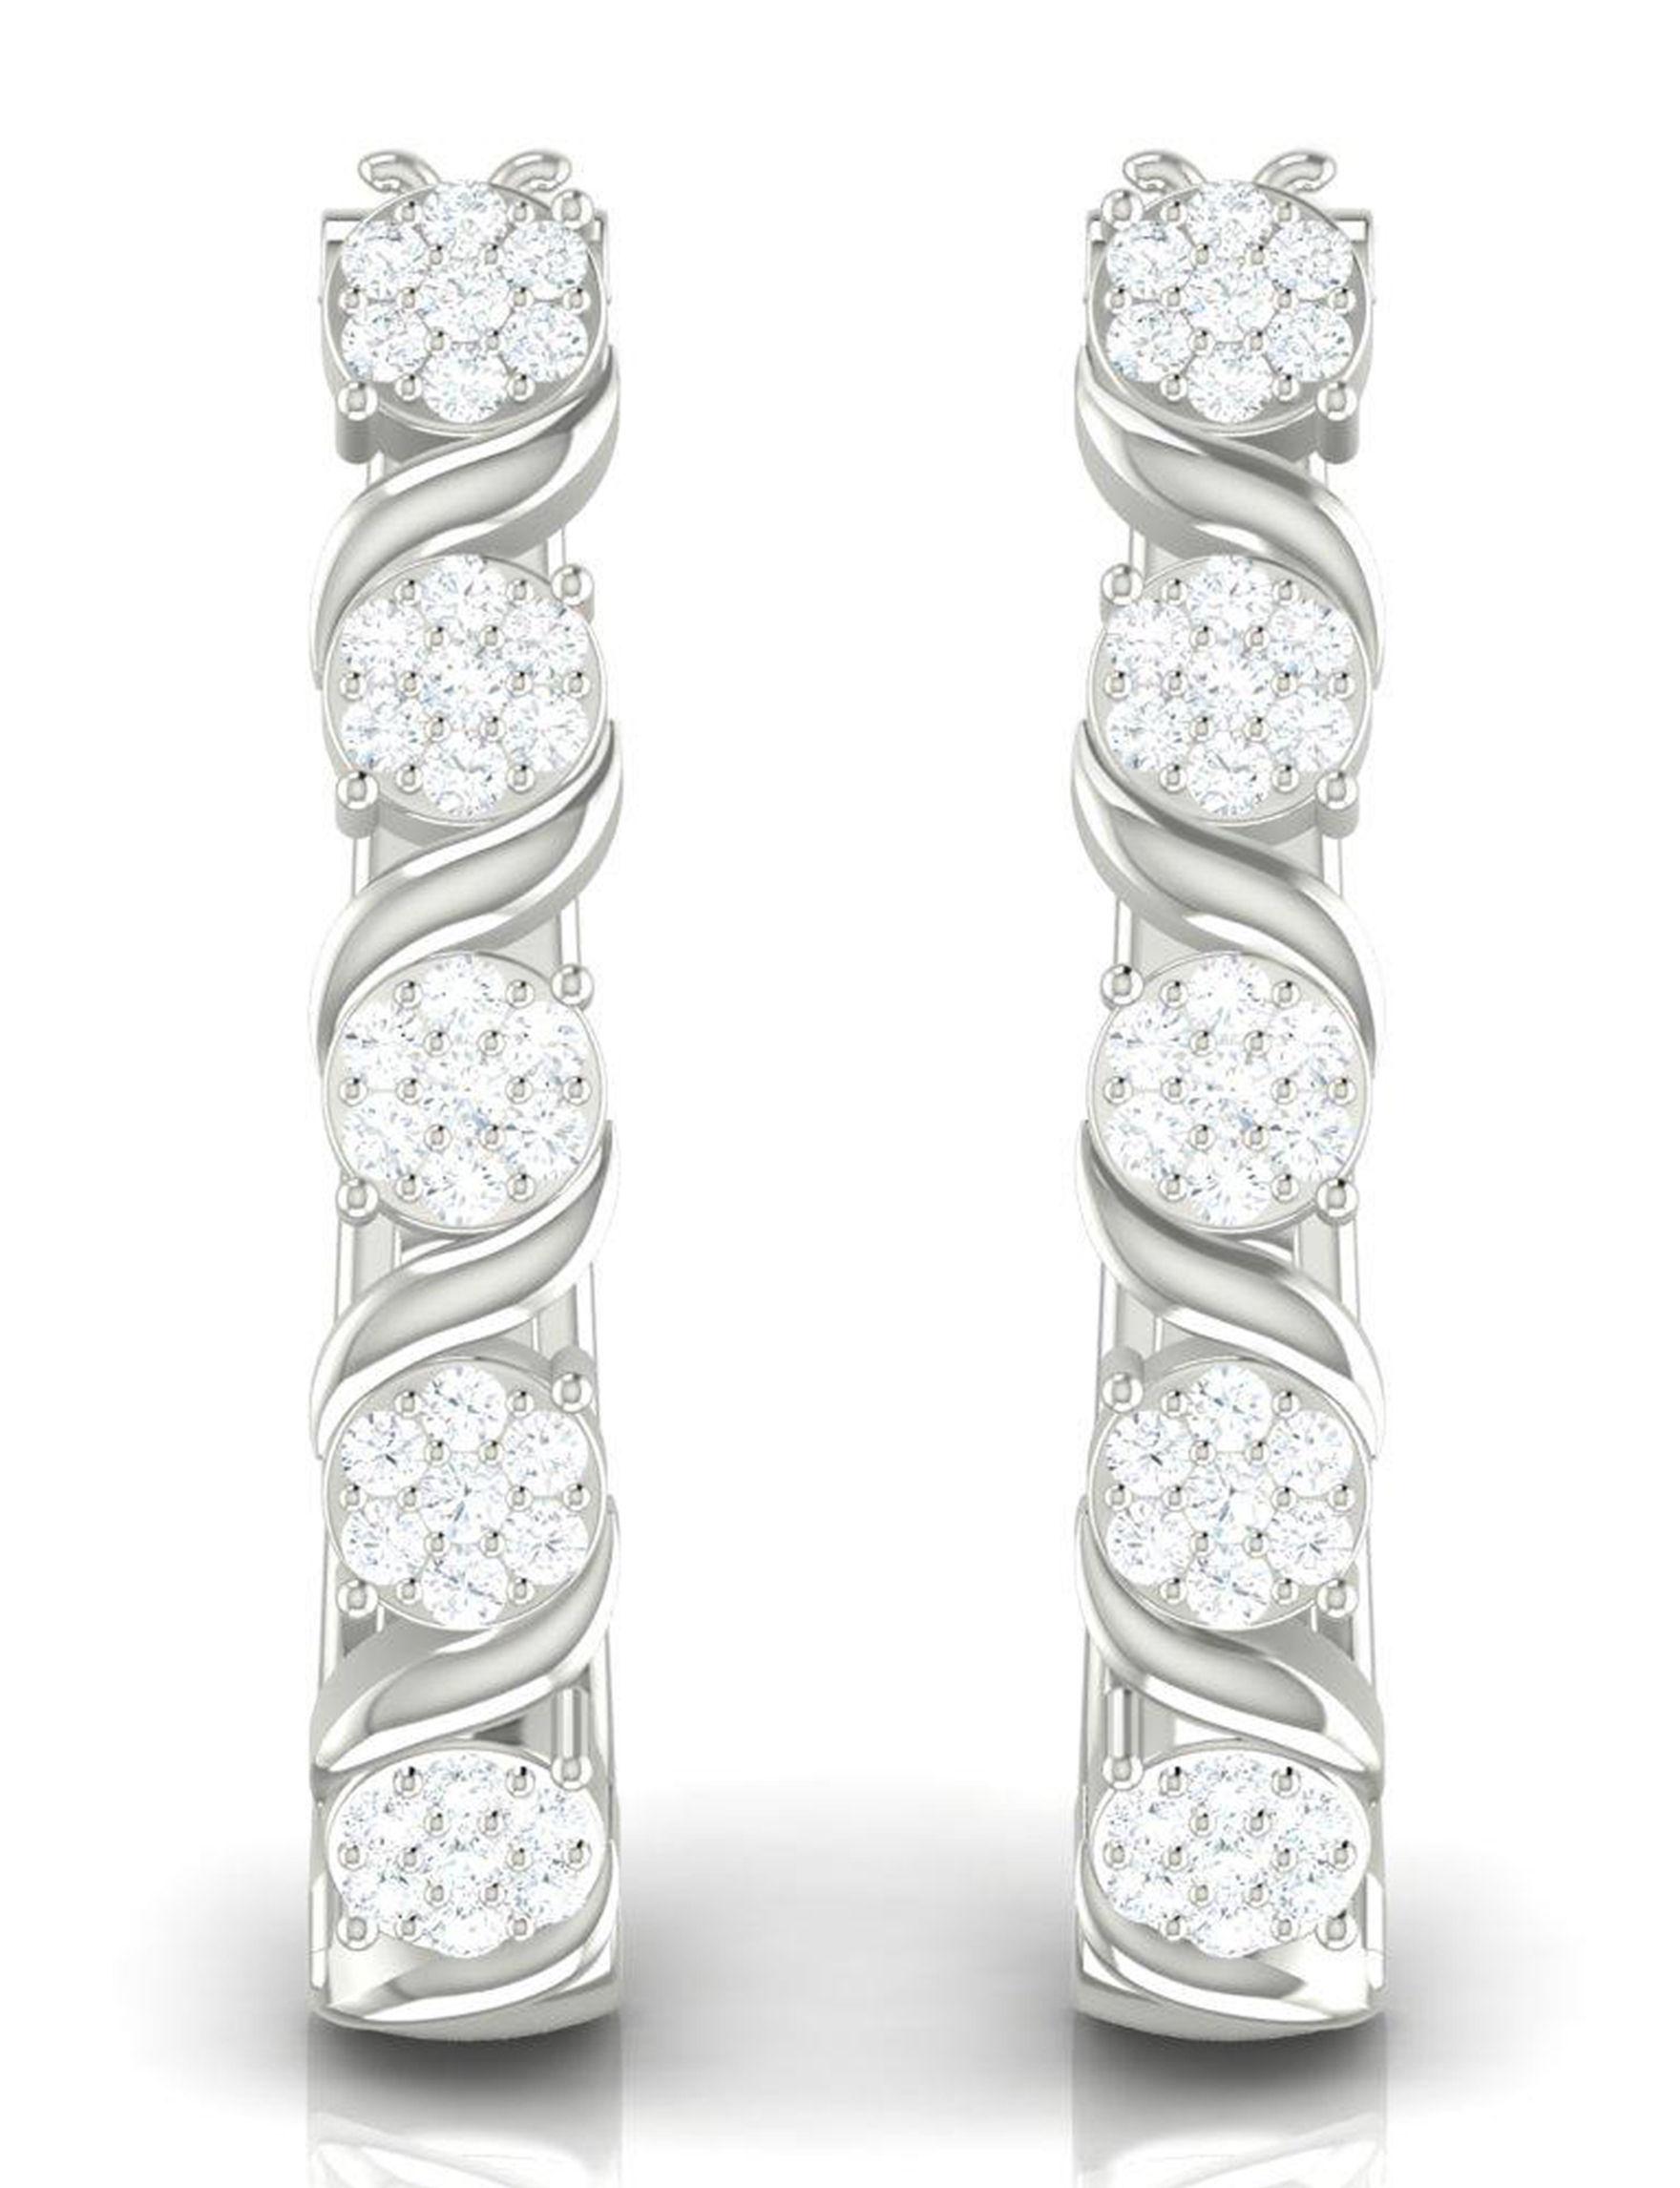 Shriyam Silver Hoops Earrings Fine Jewelry